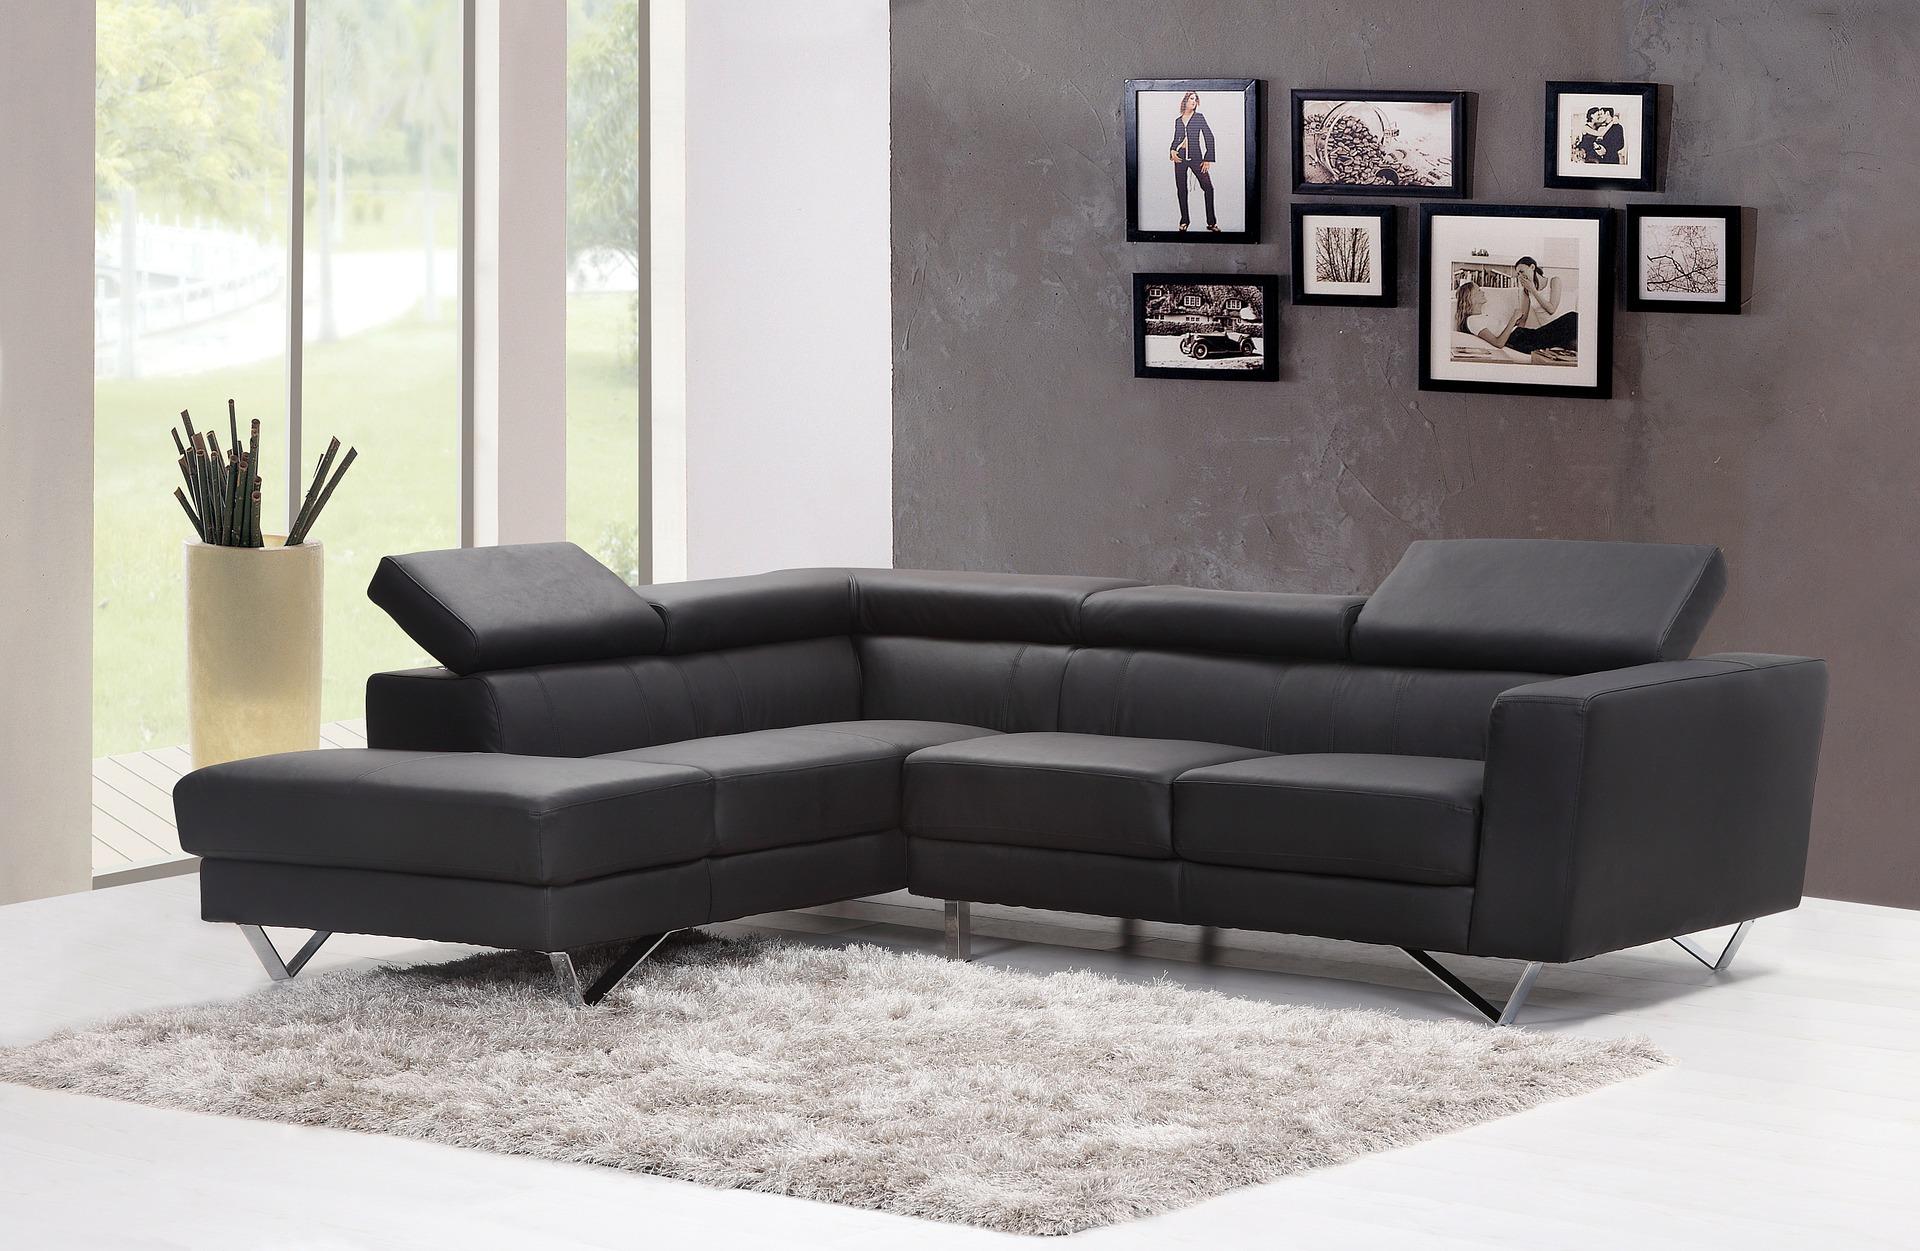 布艺沙发厂家为大家分享选购客厅沙发的方法